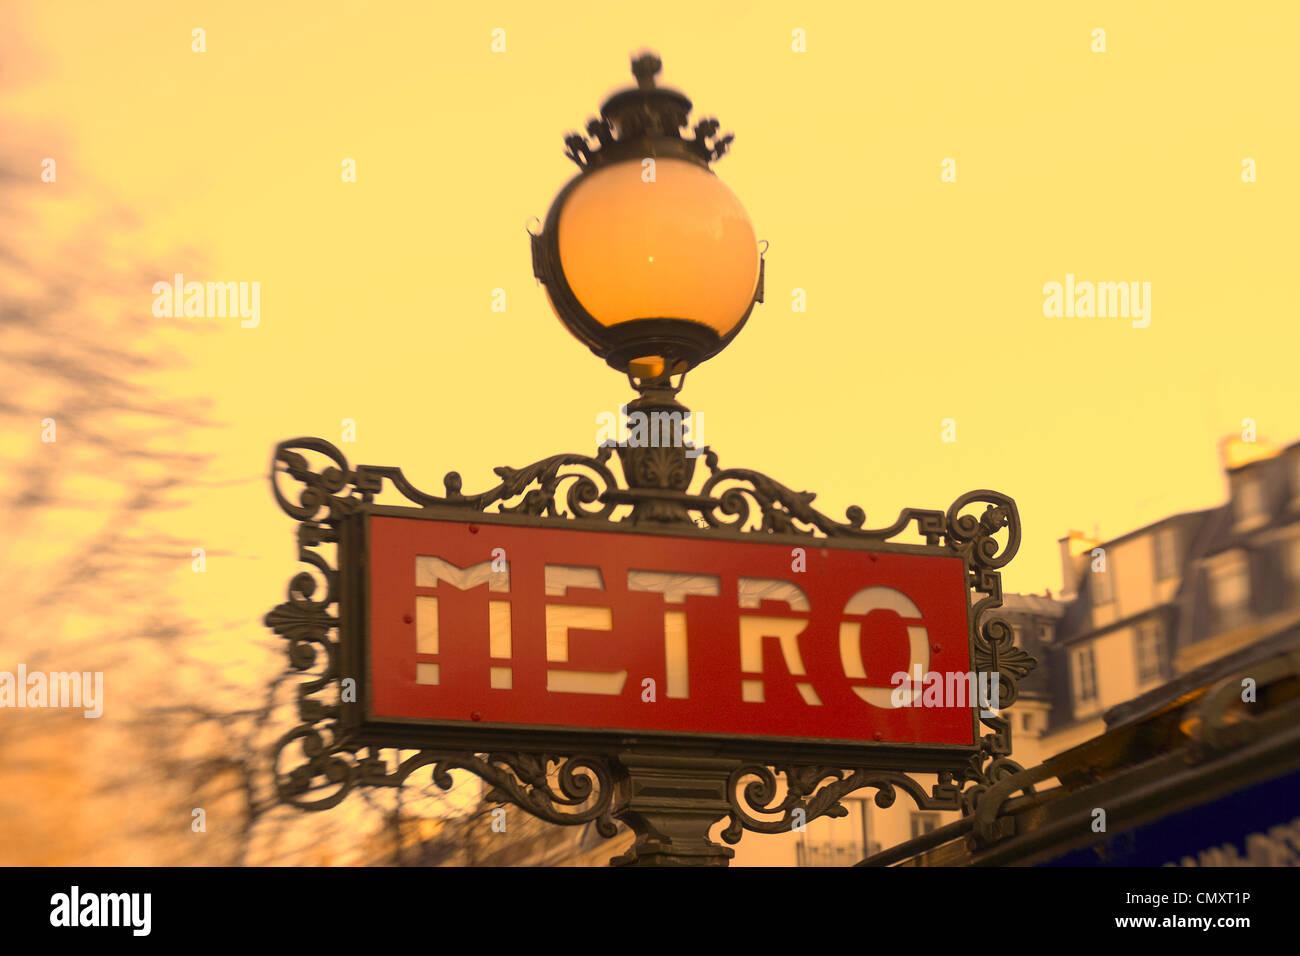 France Paris St German Metro sign art nouveau - Stock Image